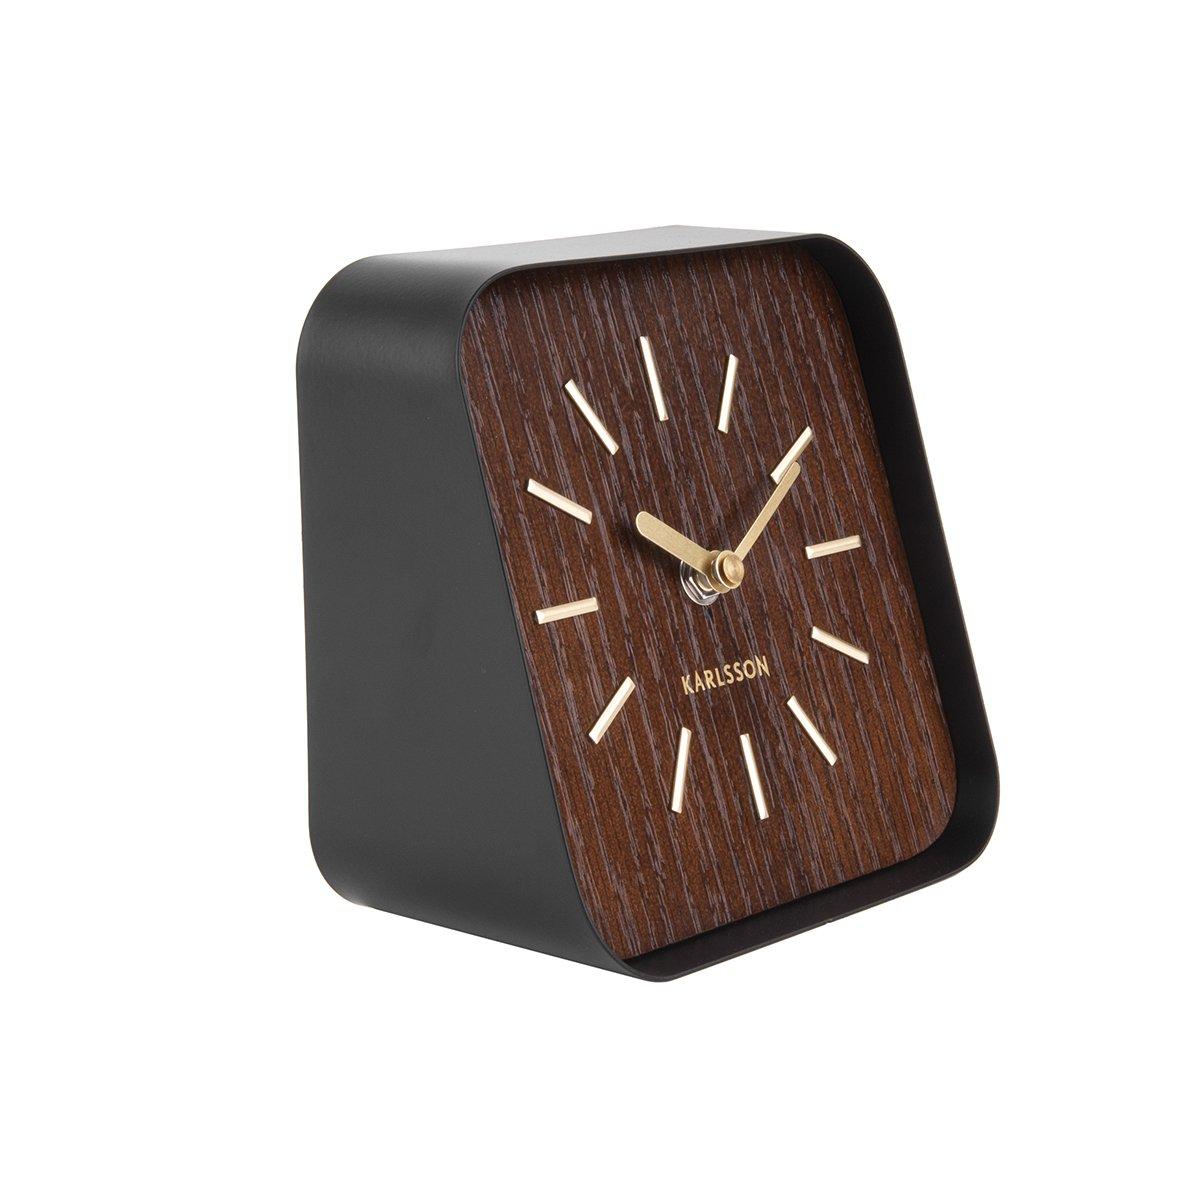 Stolní hodiny Squared – tmavé dřevo 02319f197f